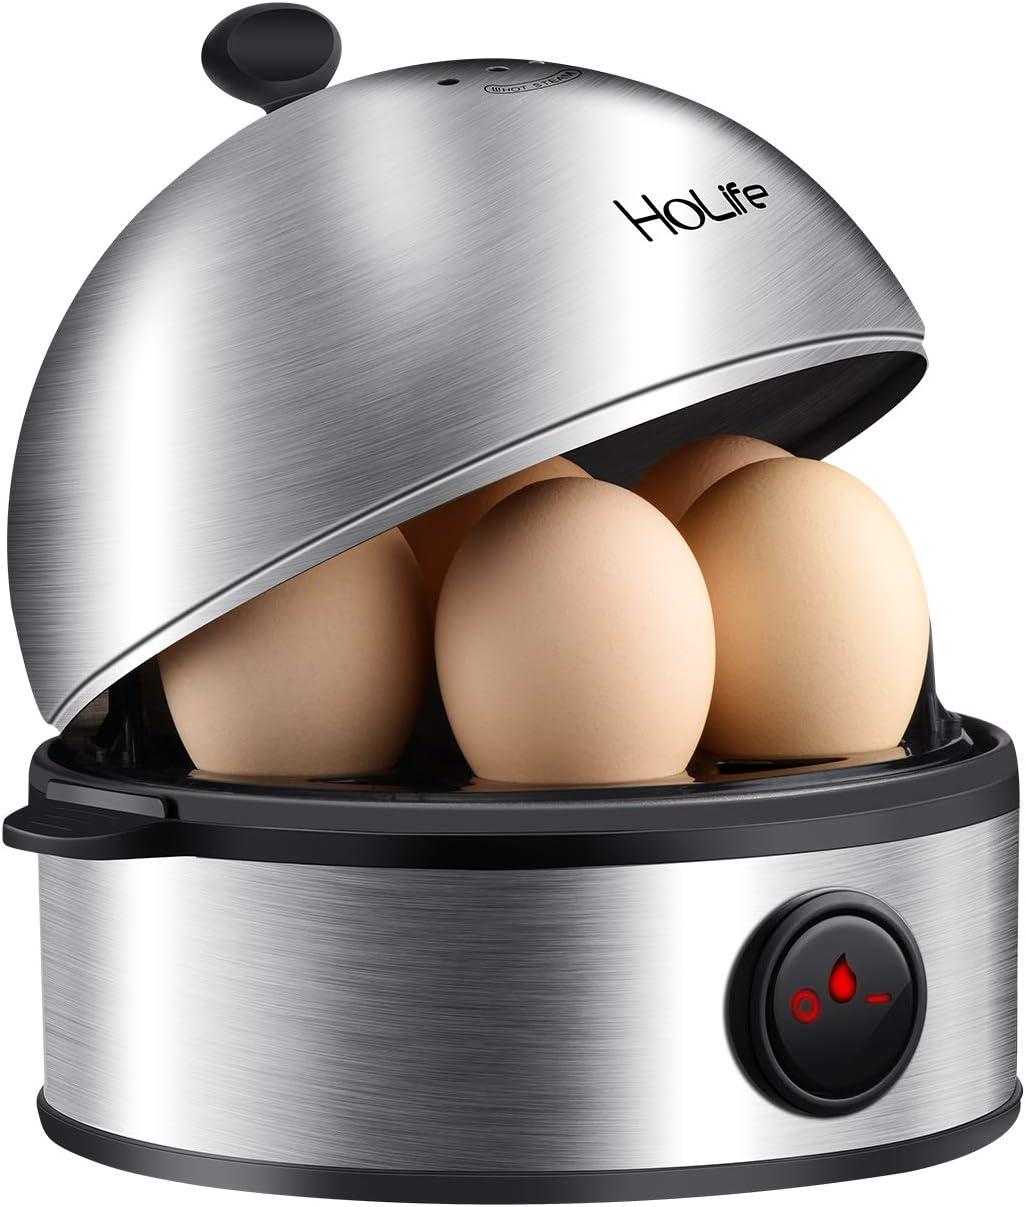 Egg Cooker, HoLife Stainless Steel Egg Boiler Steamer with Auto Shut off, 7 Egg Capacity for Soft, Medium, Hard Boiled Eggs, Omelettes-Black